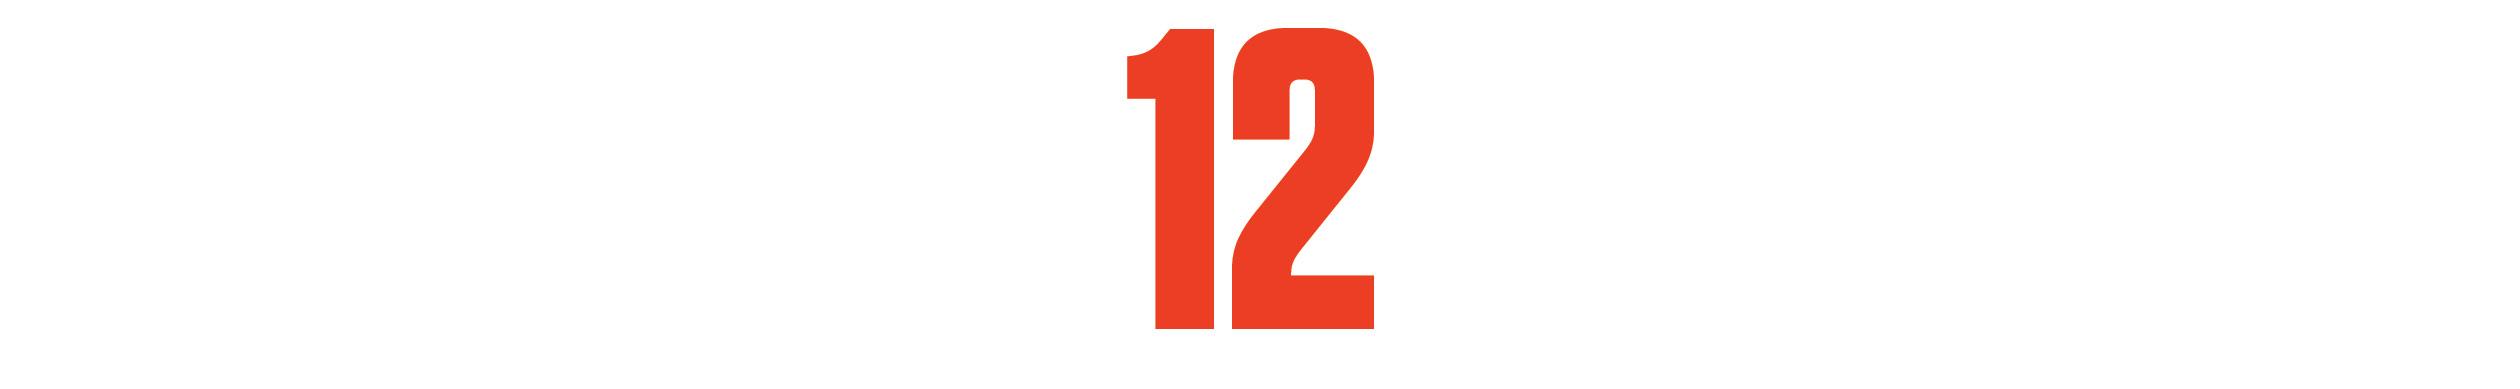 [Image: numbers4.jpg]